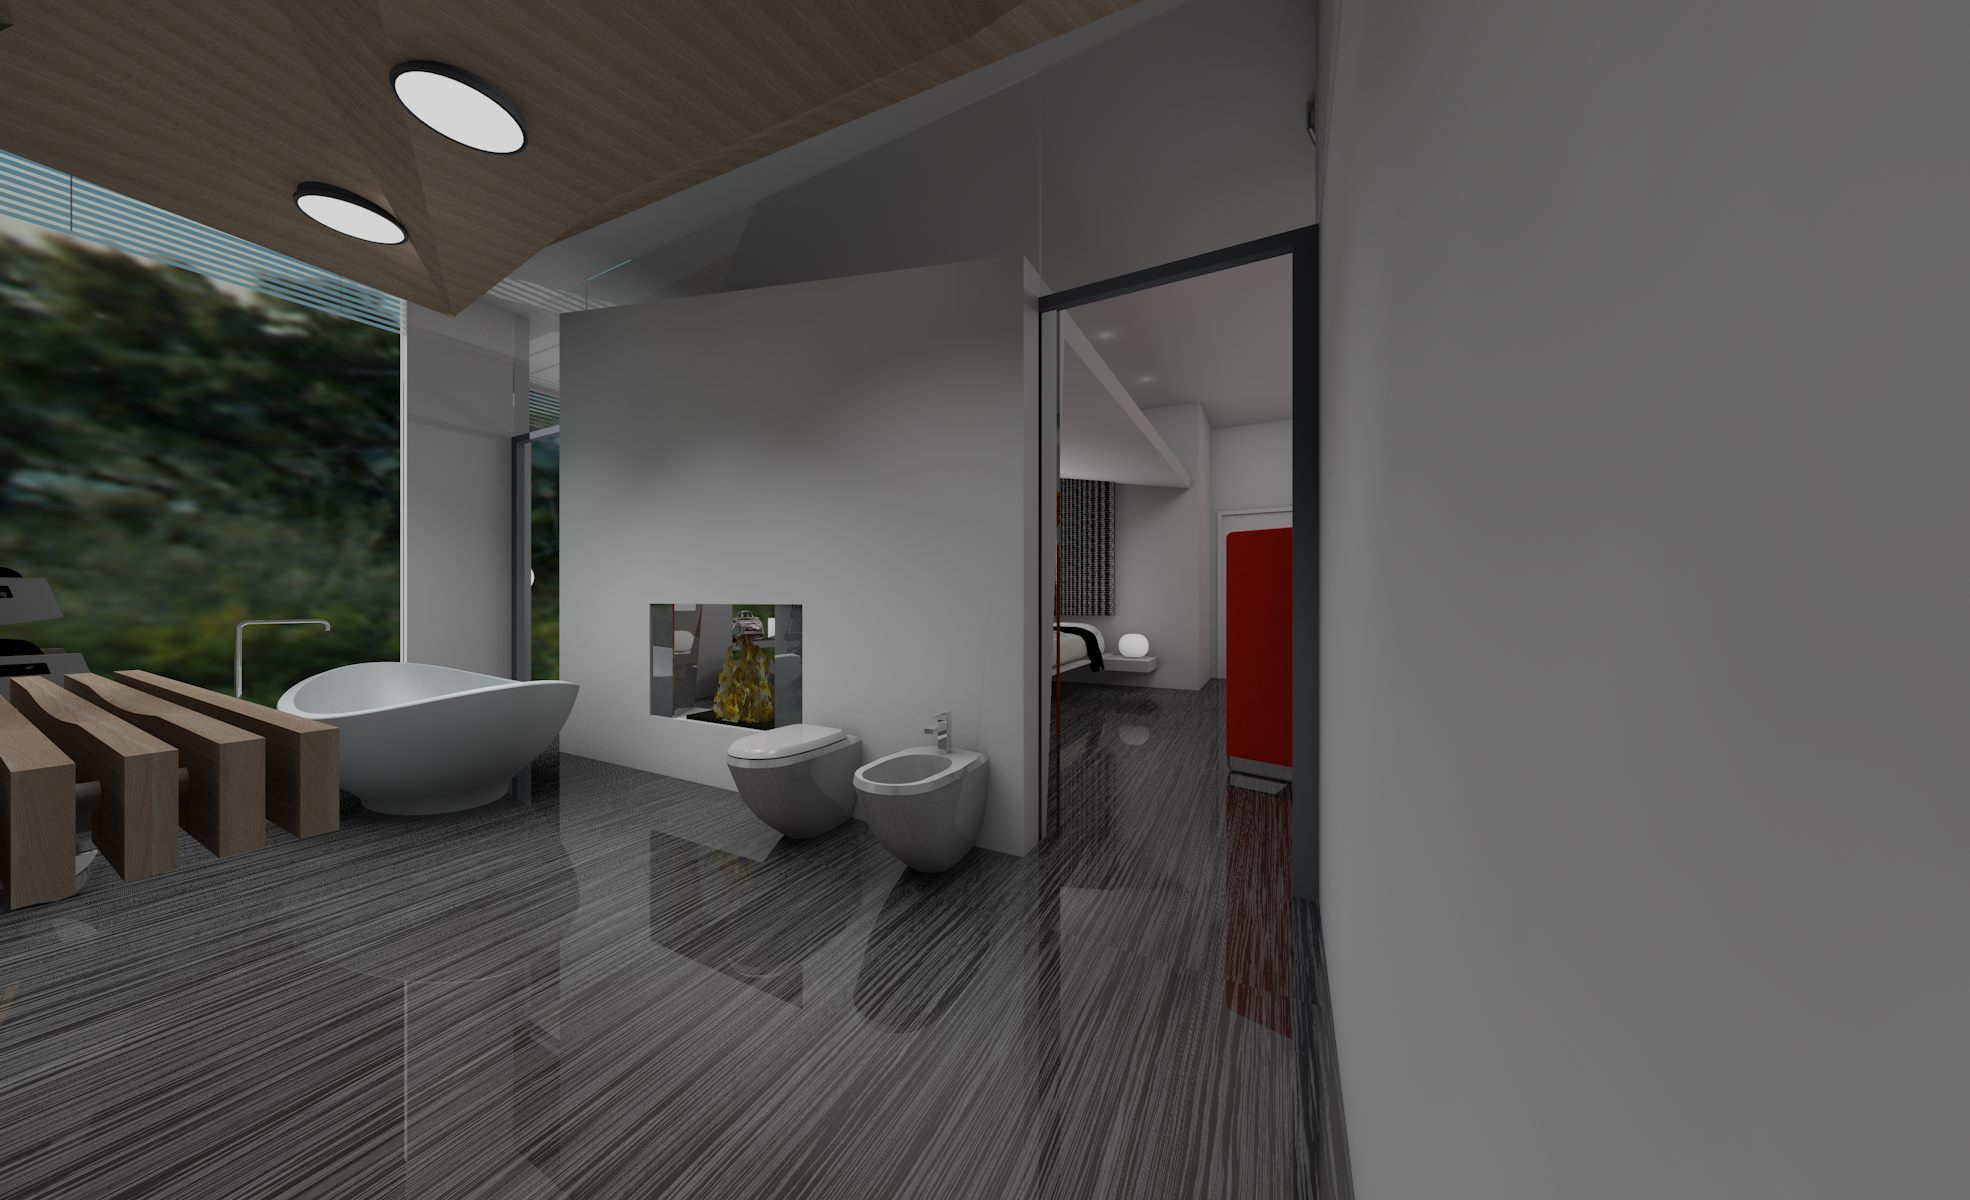 Arredamento casa idee e tendenze di arredamento for Arredamento camera da letto design